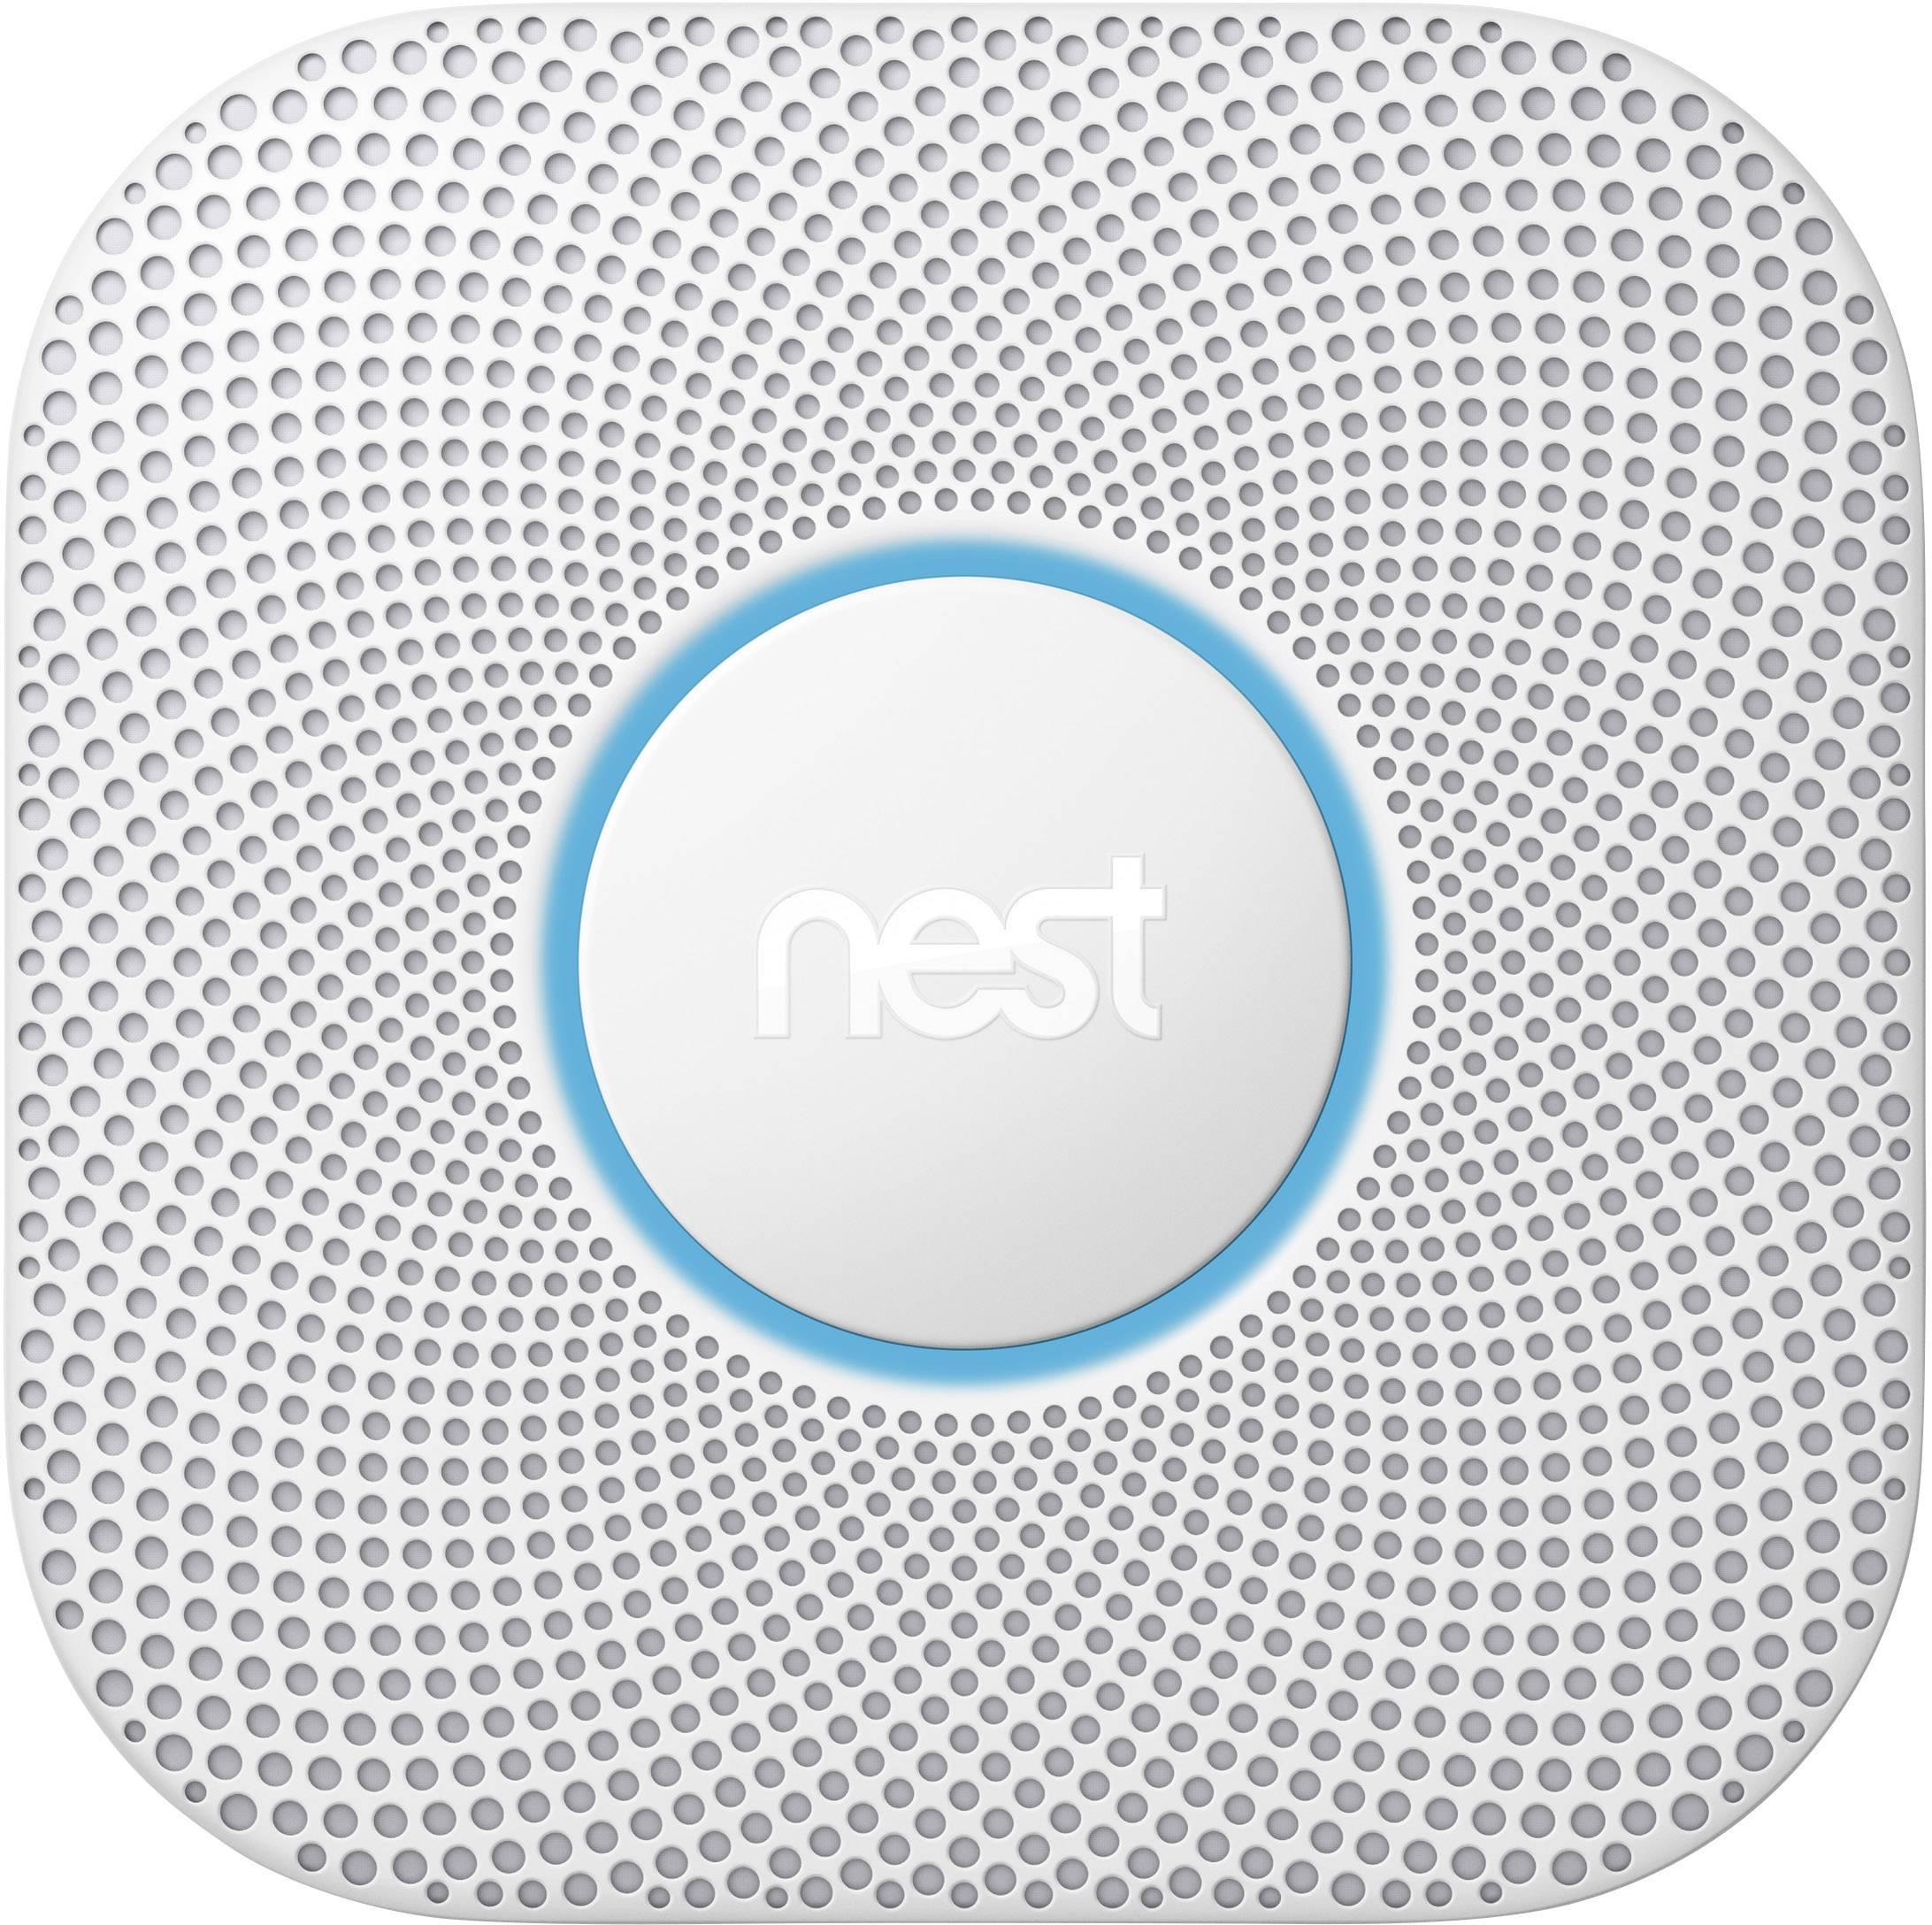 Inteligentný bezdrôtový detektor dymu a oxidu uhoľnatého (CO) Google Nest Protect